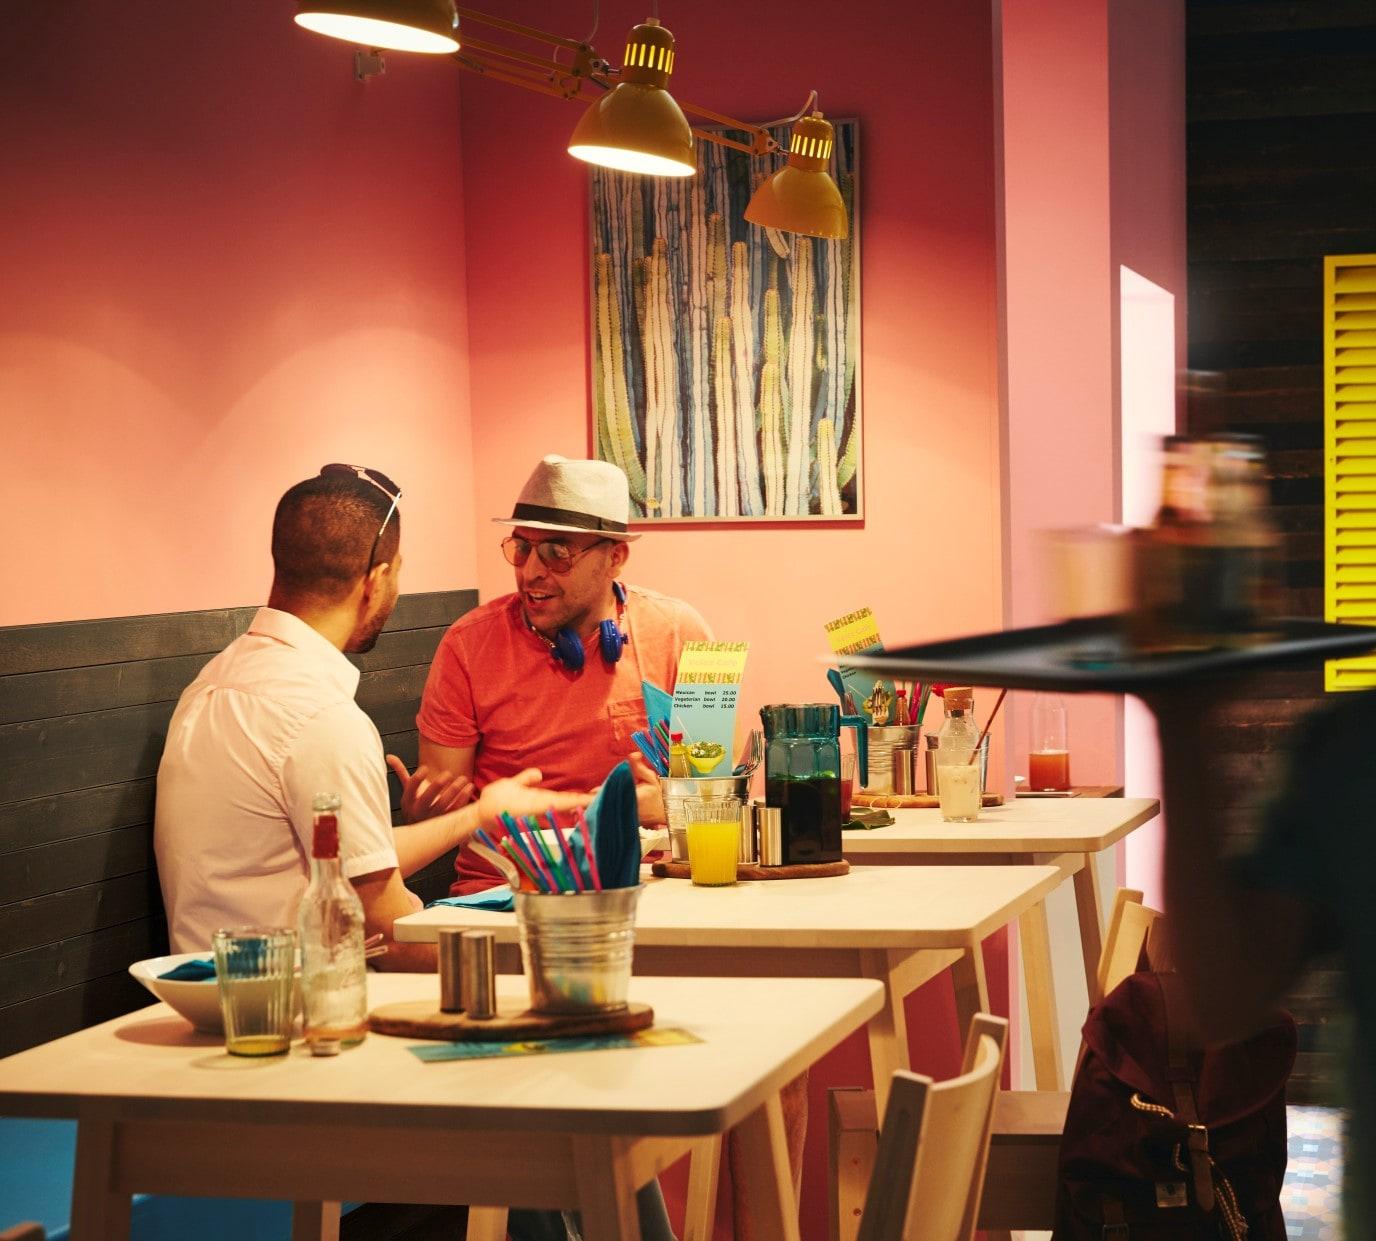 Värikkäät seinät sopivat etnisen ravintolan tyyliin. Koivunväriset IKEA NORRÅKER tuolit ja pöydät täydentävät yhteensopivan kokonaisuuden.